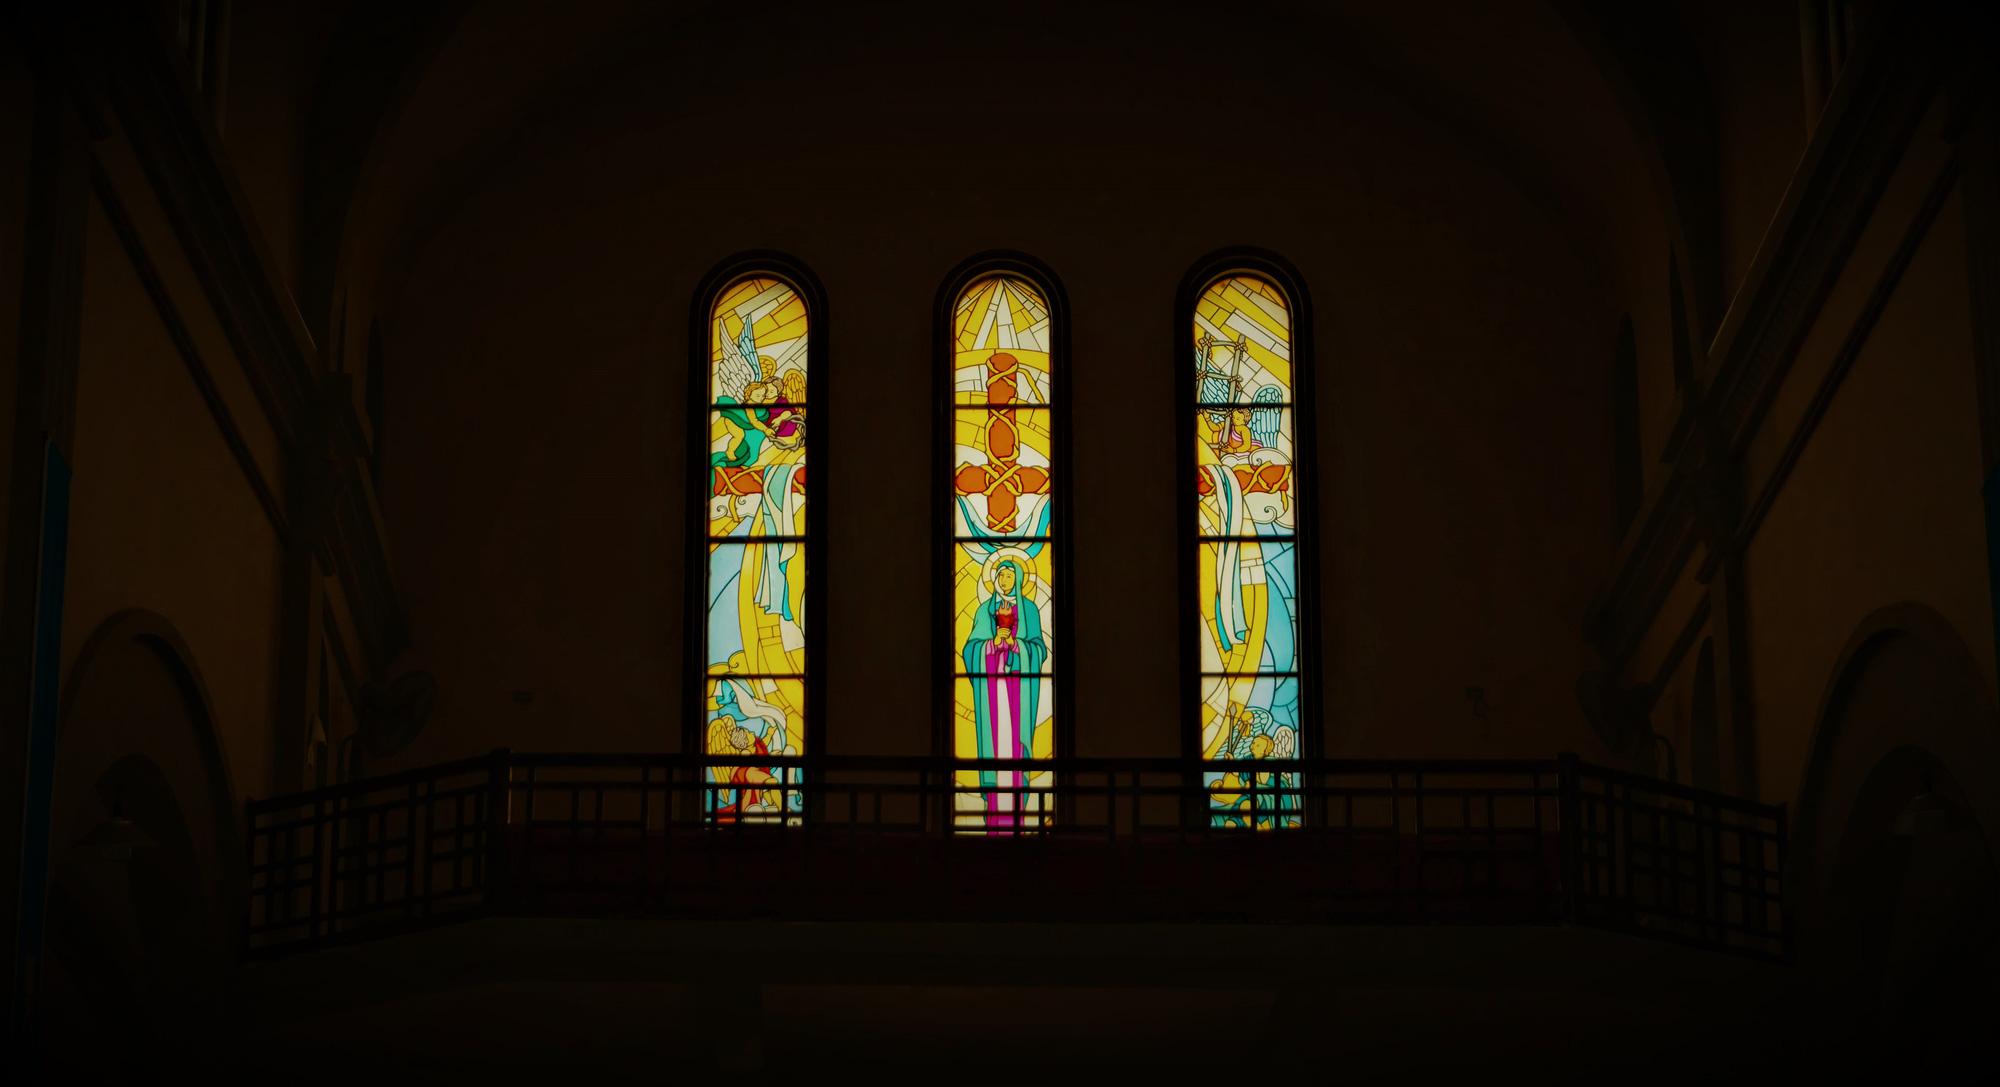 Về thăm nhà thờ Khoái Đồng, nơi thờ hiện thân của ông già Noel - Ảnh 12.